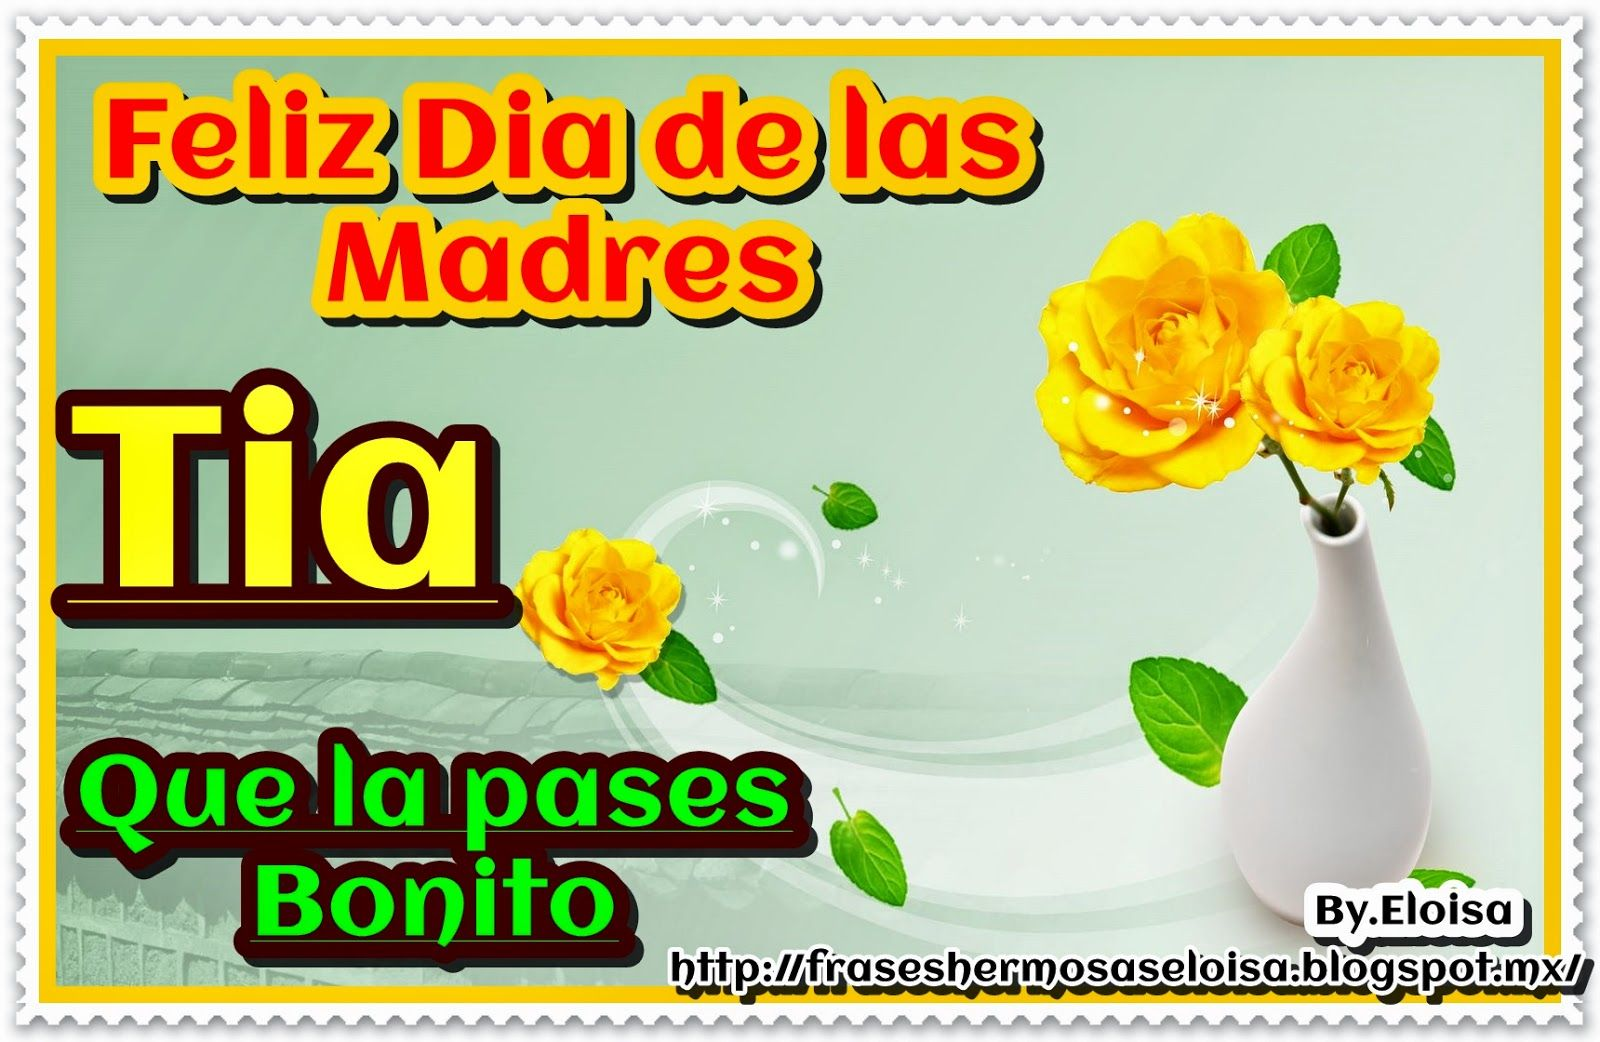 Frases Hermosas Tia Feliz Dia De Las Madres Feliz Día De